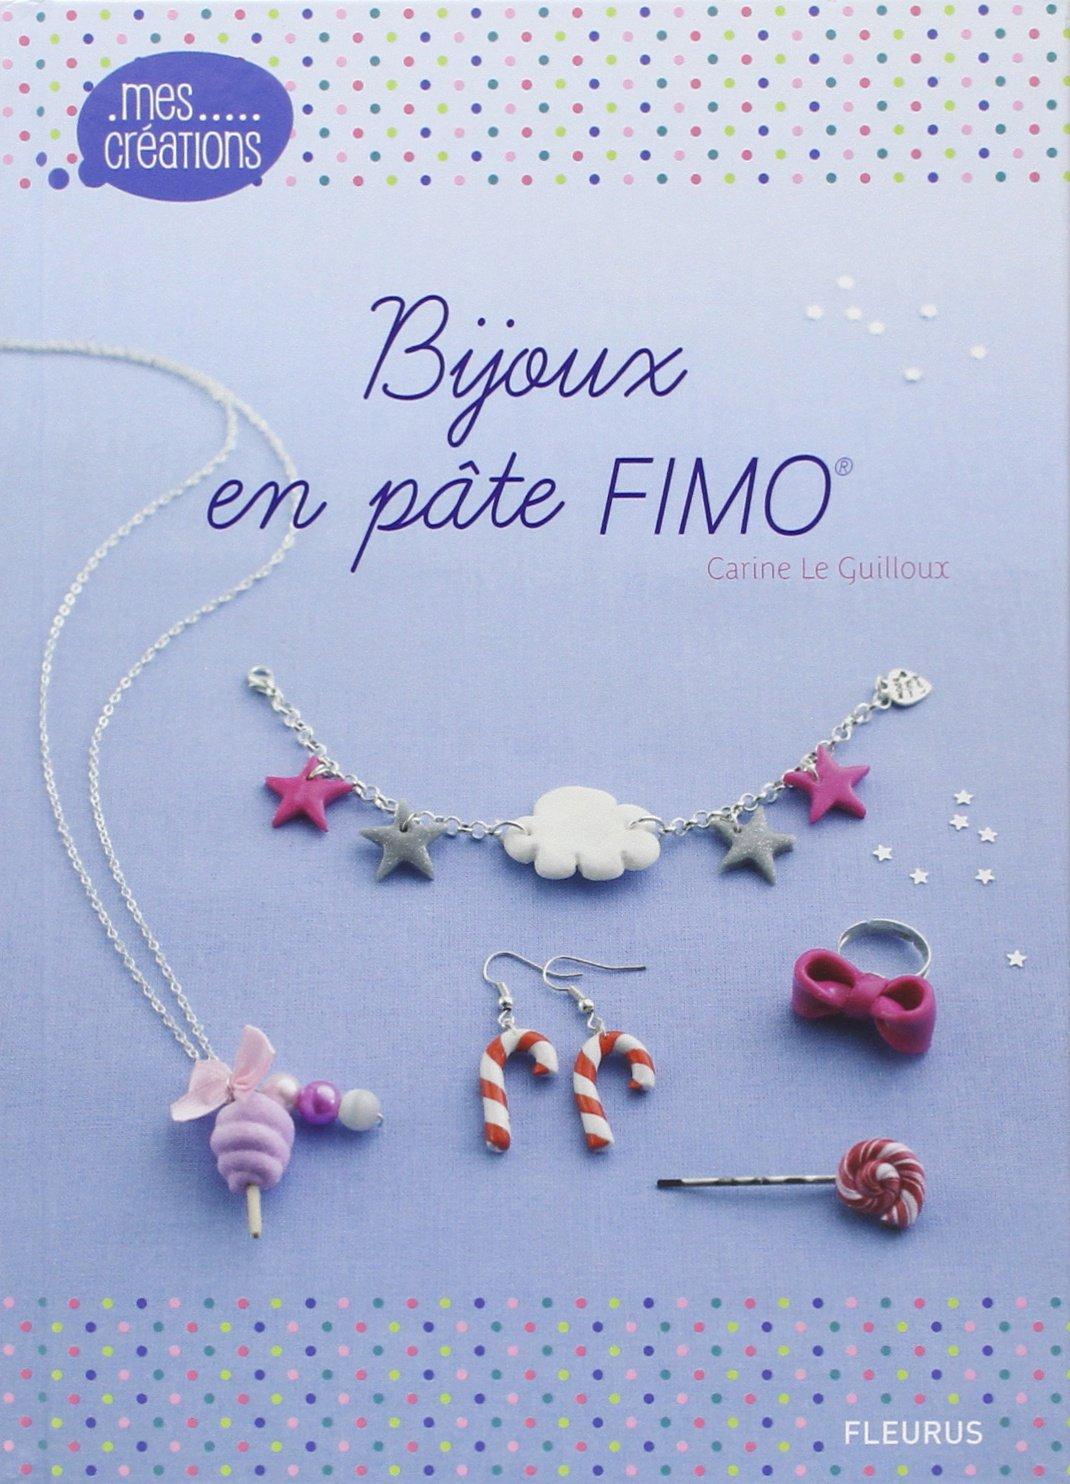 Bijoux en pâte FIMO Relié – 15 mars 2012 Carine Le Guilloux FLEURUS 2215110864 Loisirs créatifs